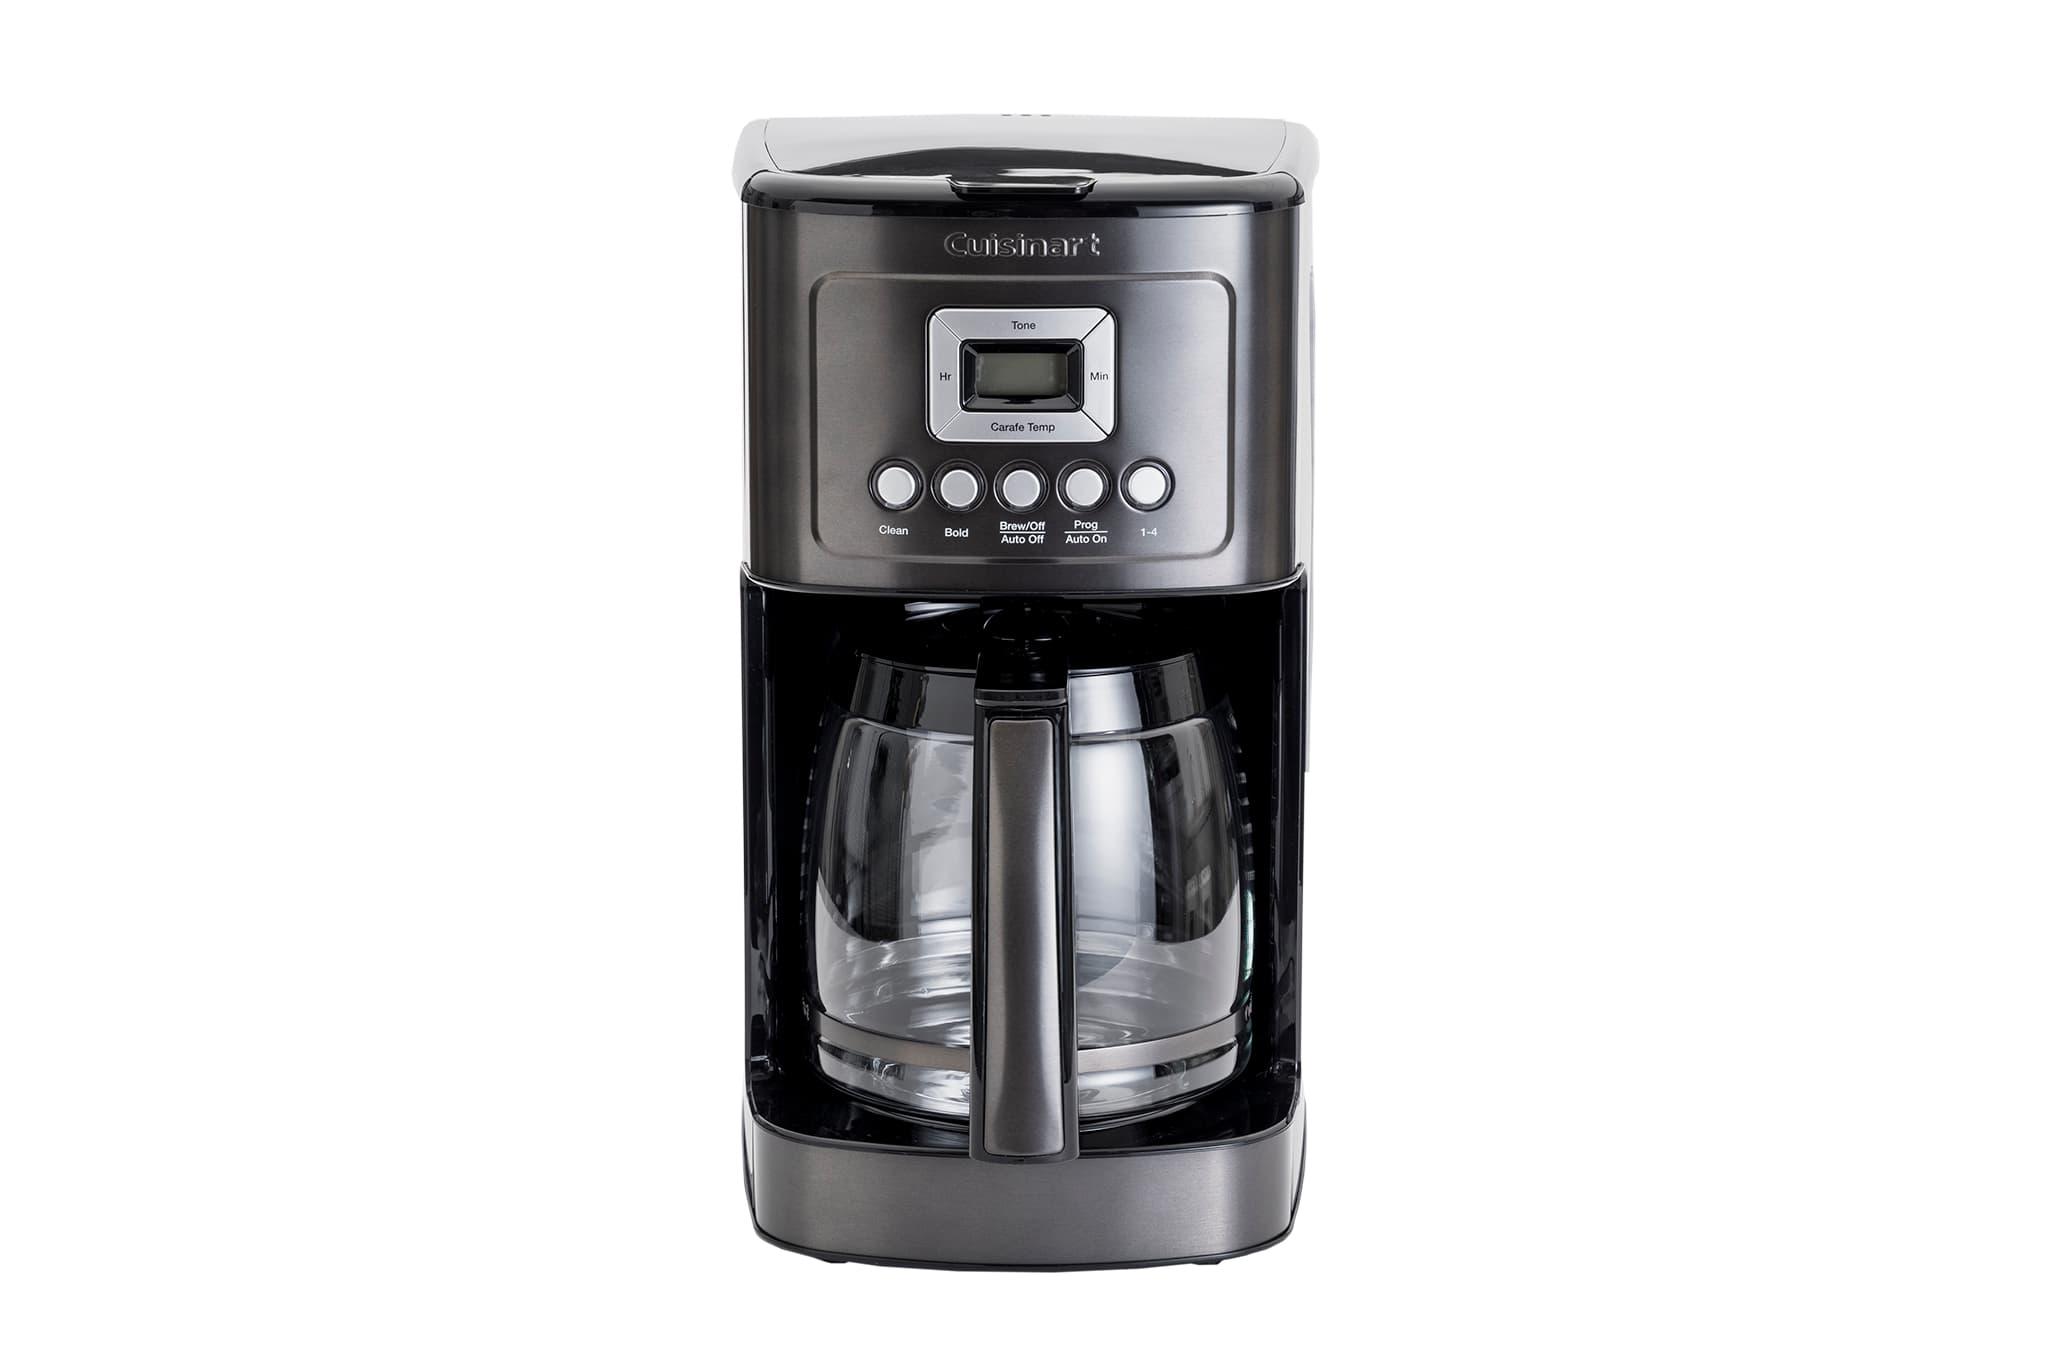 10カップミル付全自動コーヒーメーカー